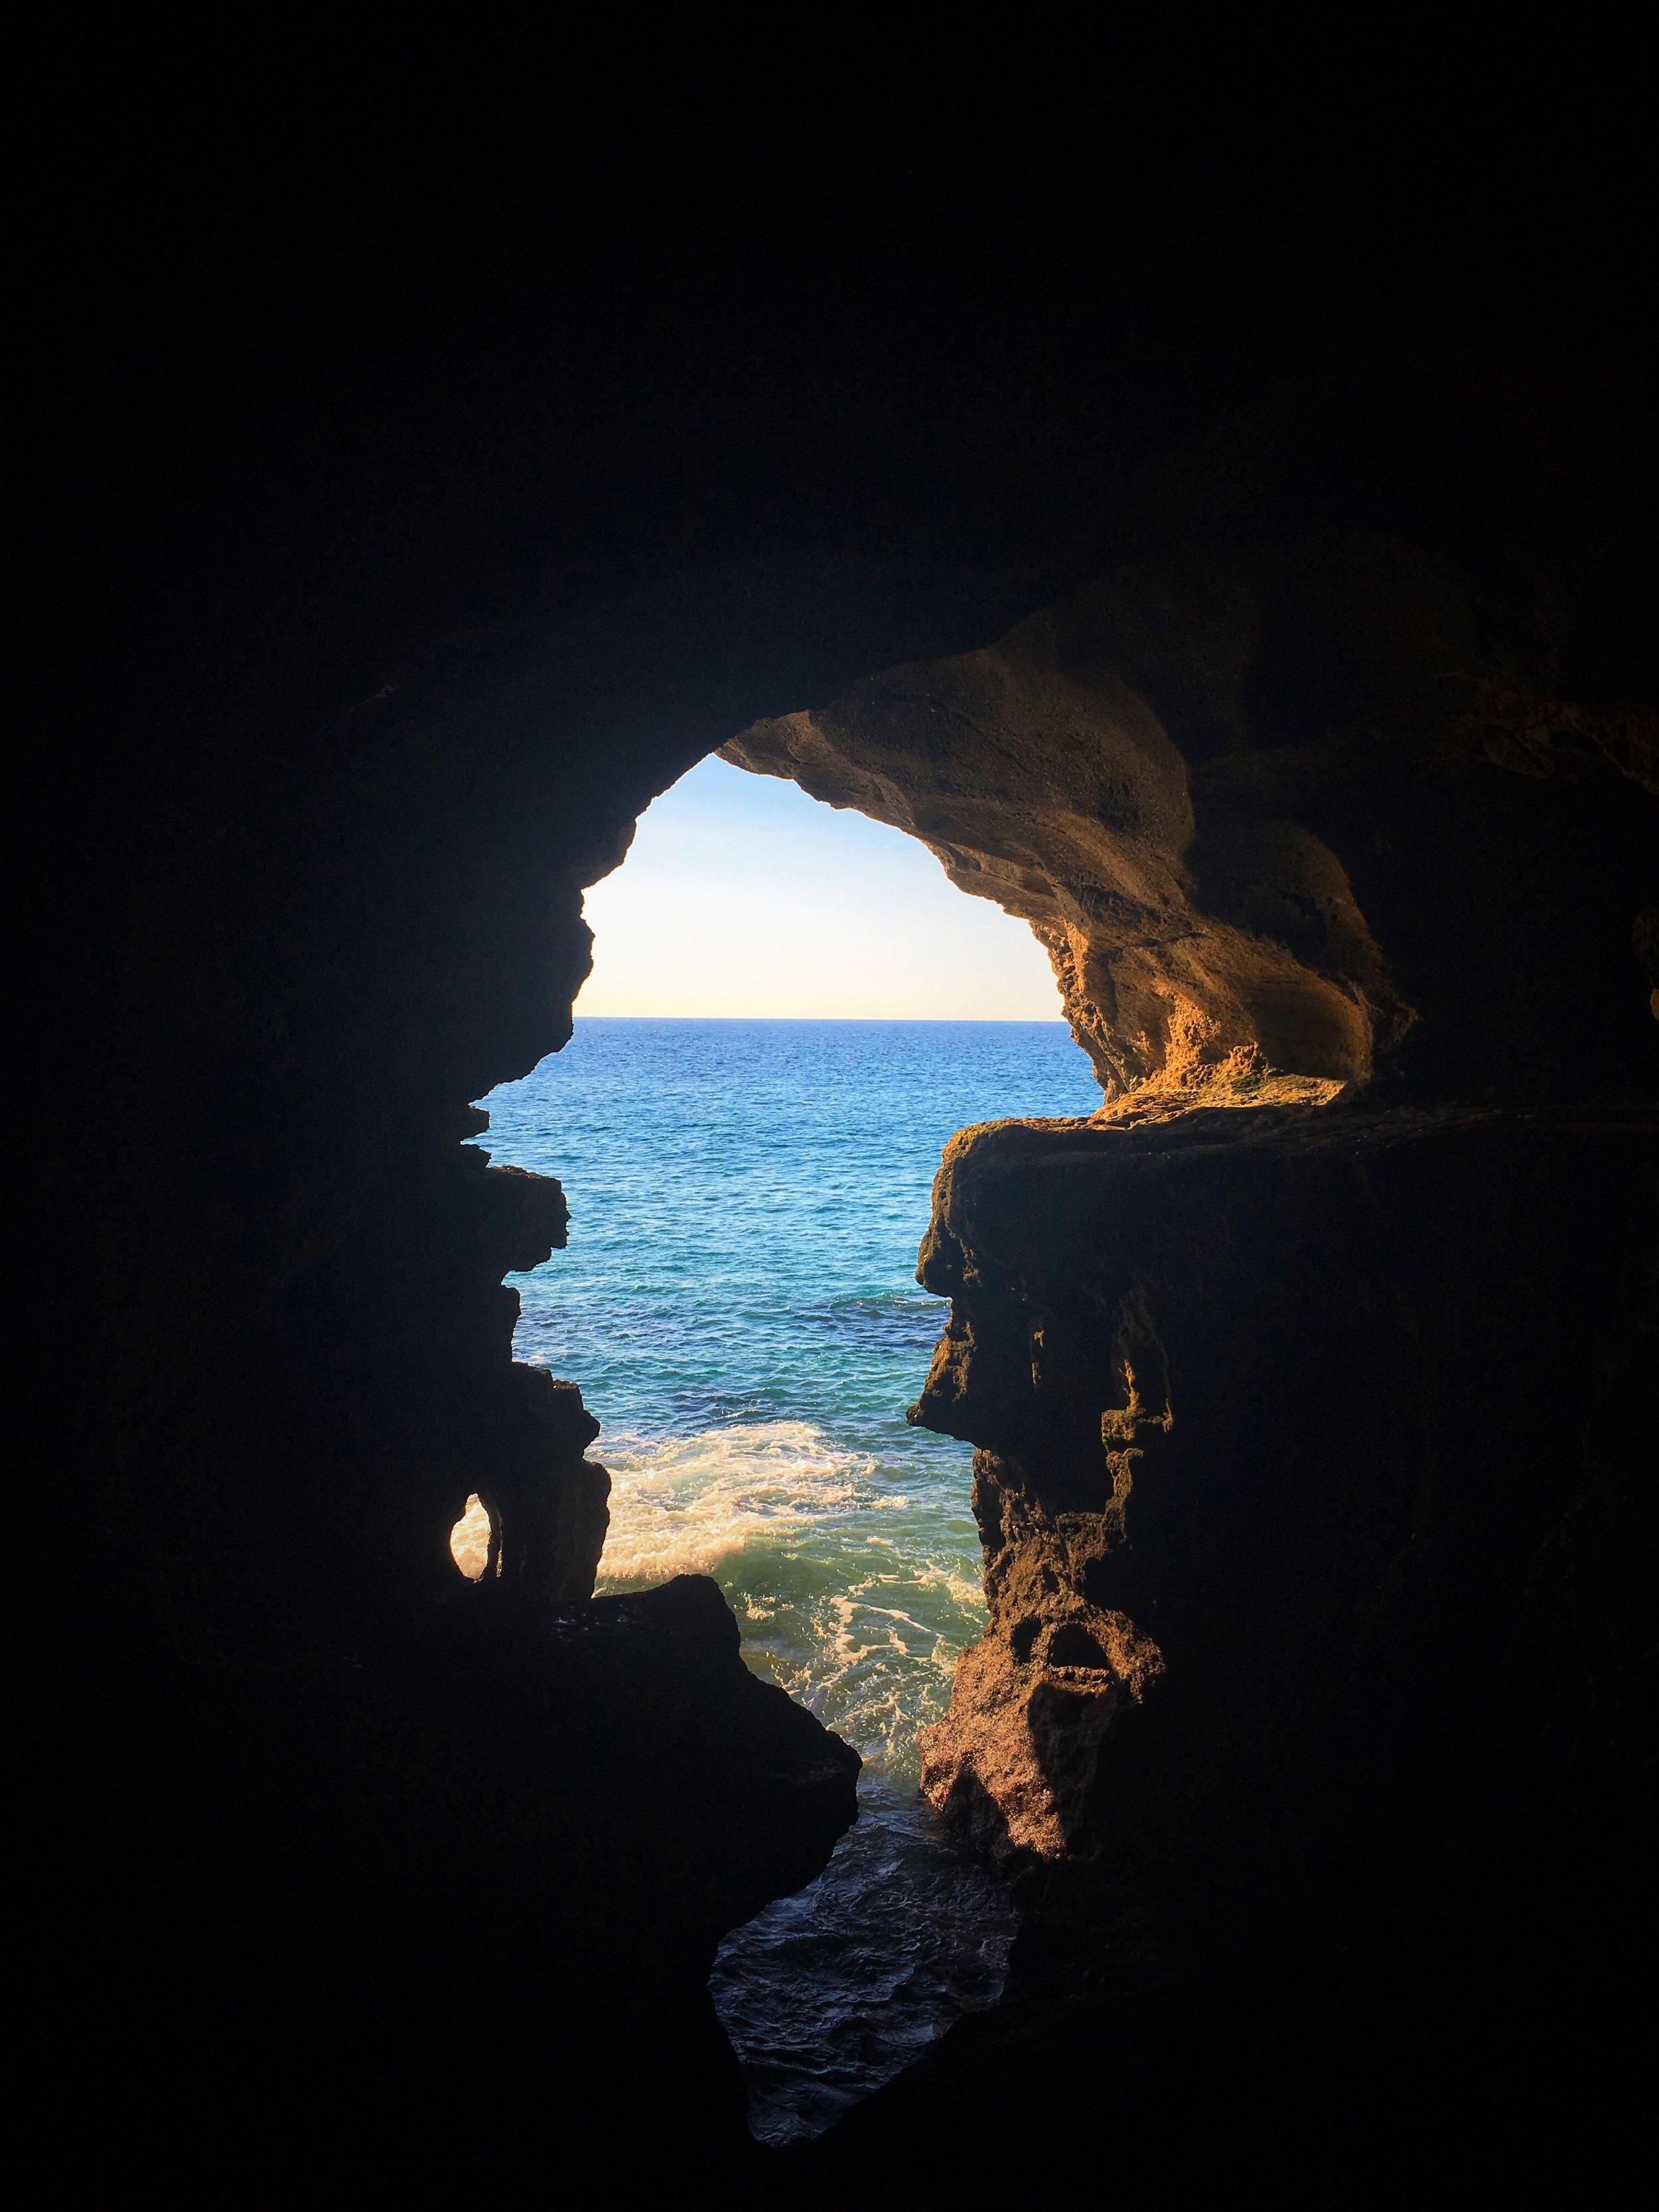 Hércules cave